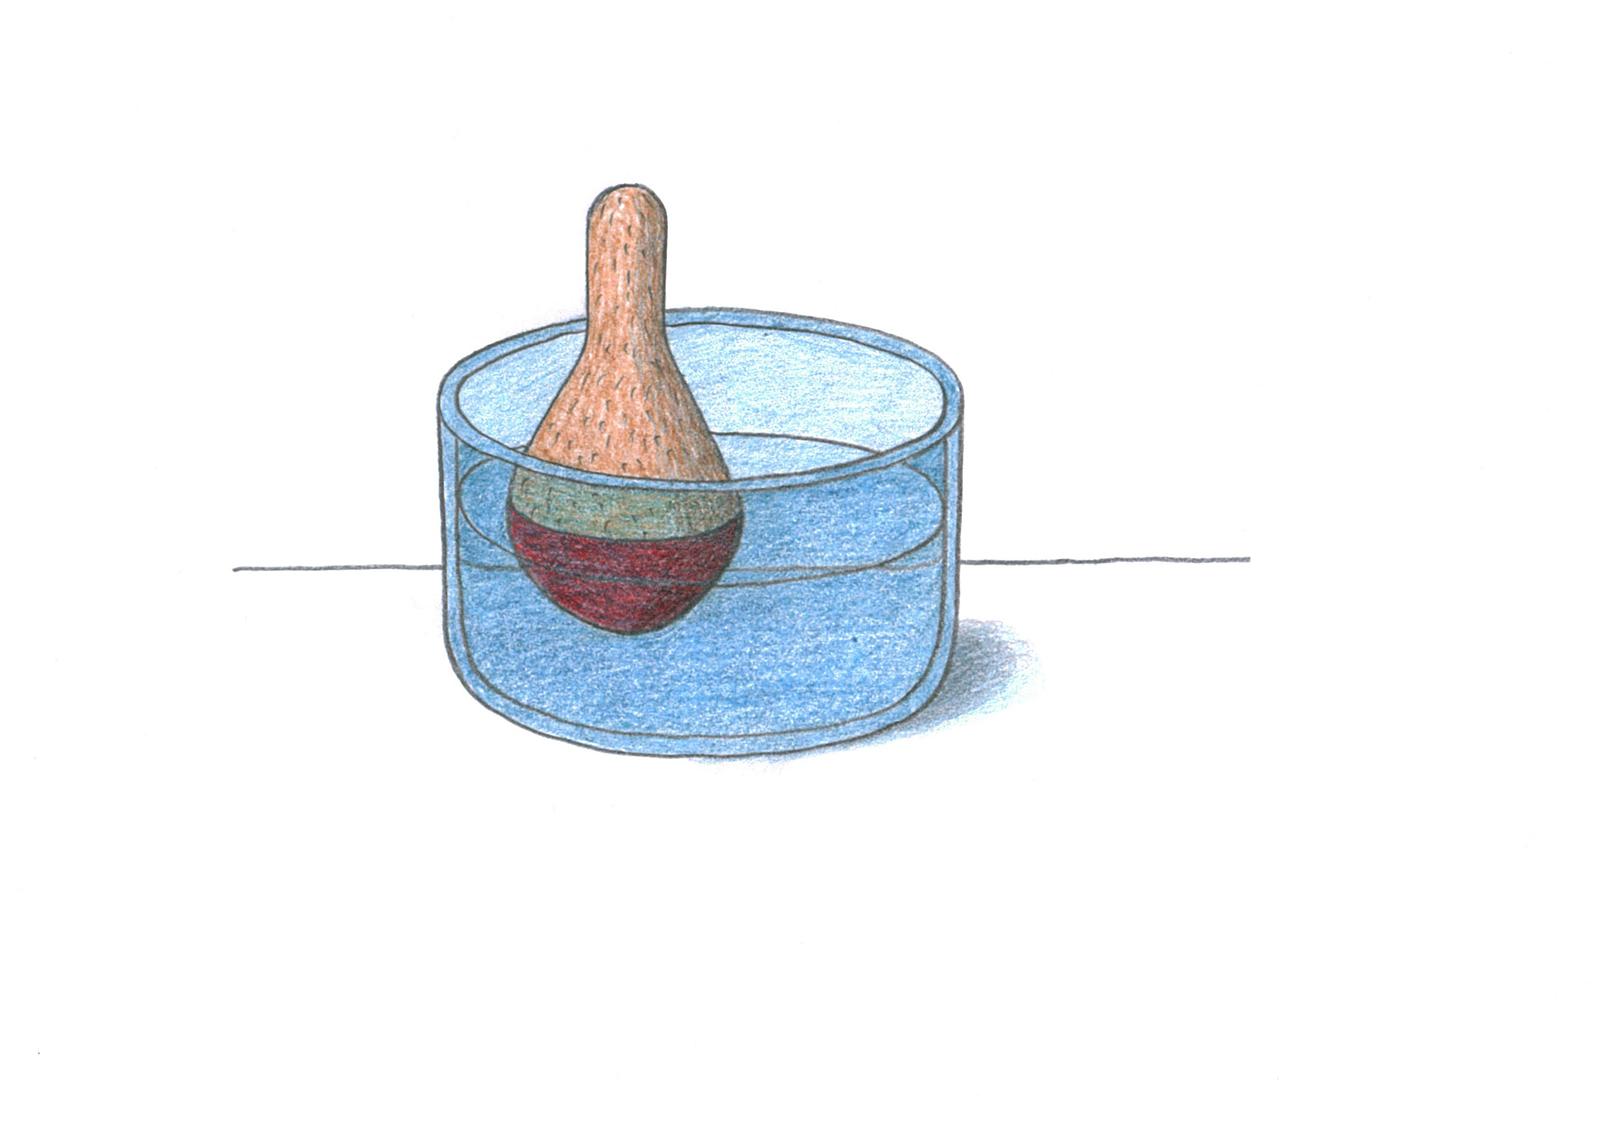 Guillaume Delvigne - Oeuvre - Dessin - Design - Designer - Swimming pool